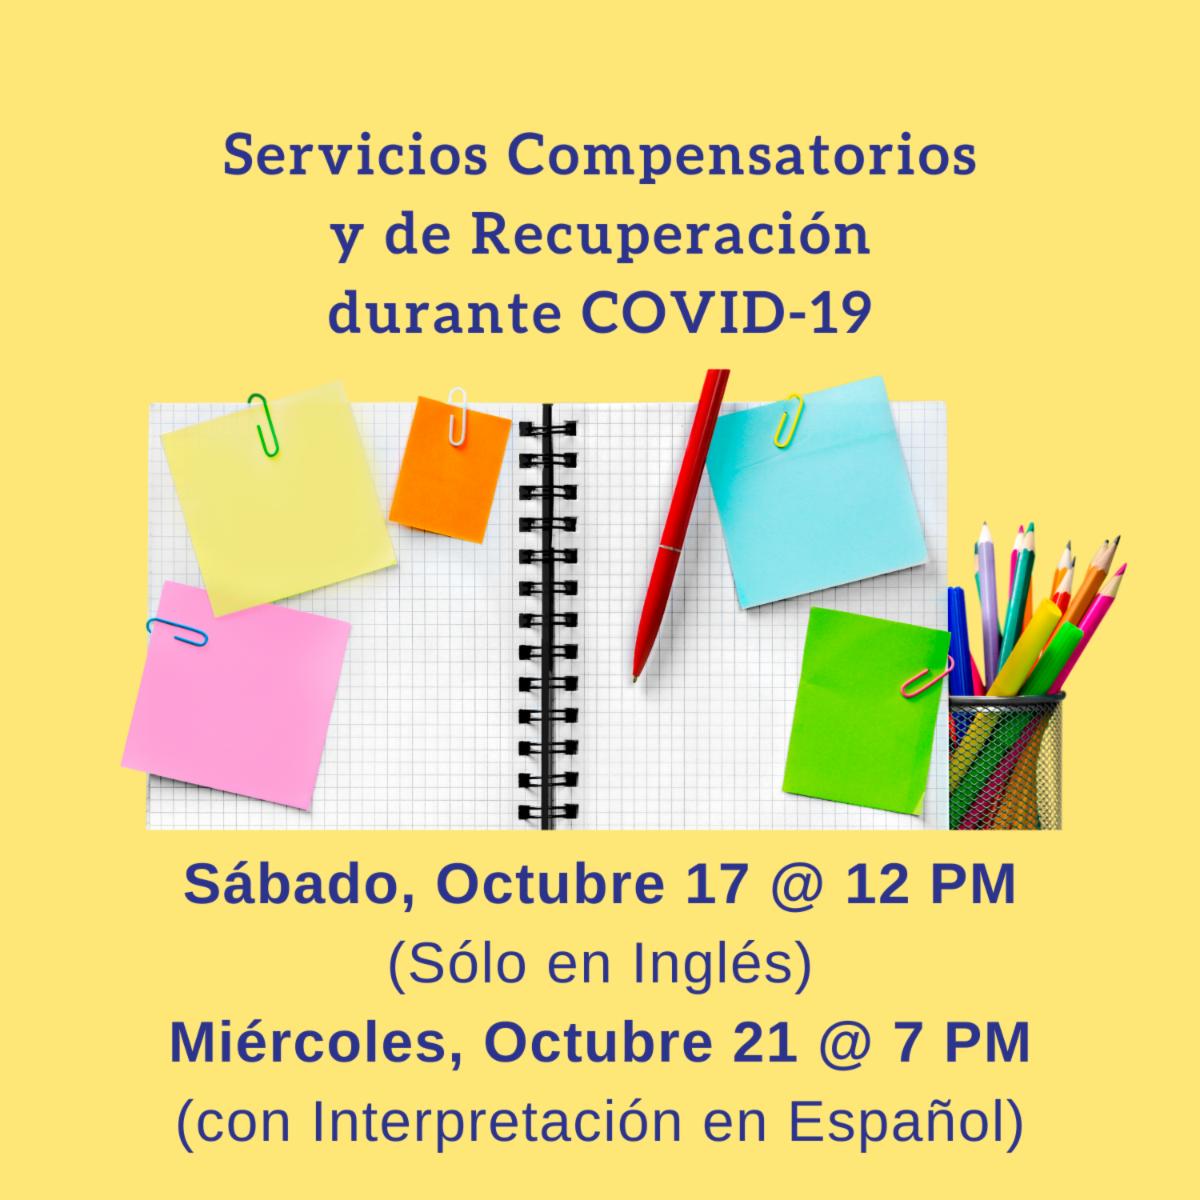 Servicios Compensatorios y de Recuperación durante COVID-19 Sábado Octubre 17 a los 12 PM Sólo en Inglés y Miércoles Octubre 21 a los 7 PM con Interpretación en Español